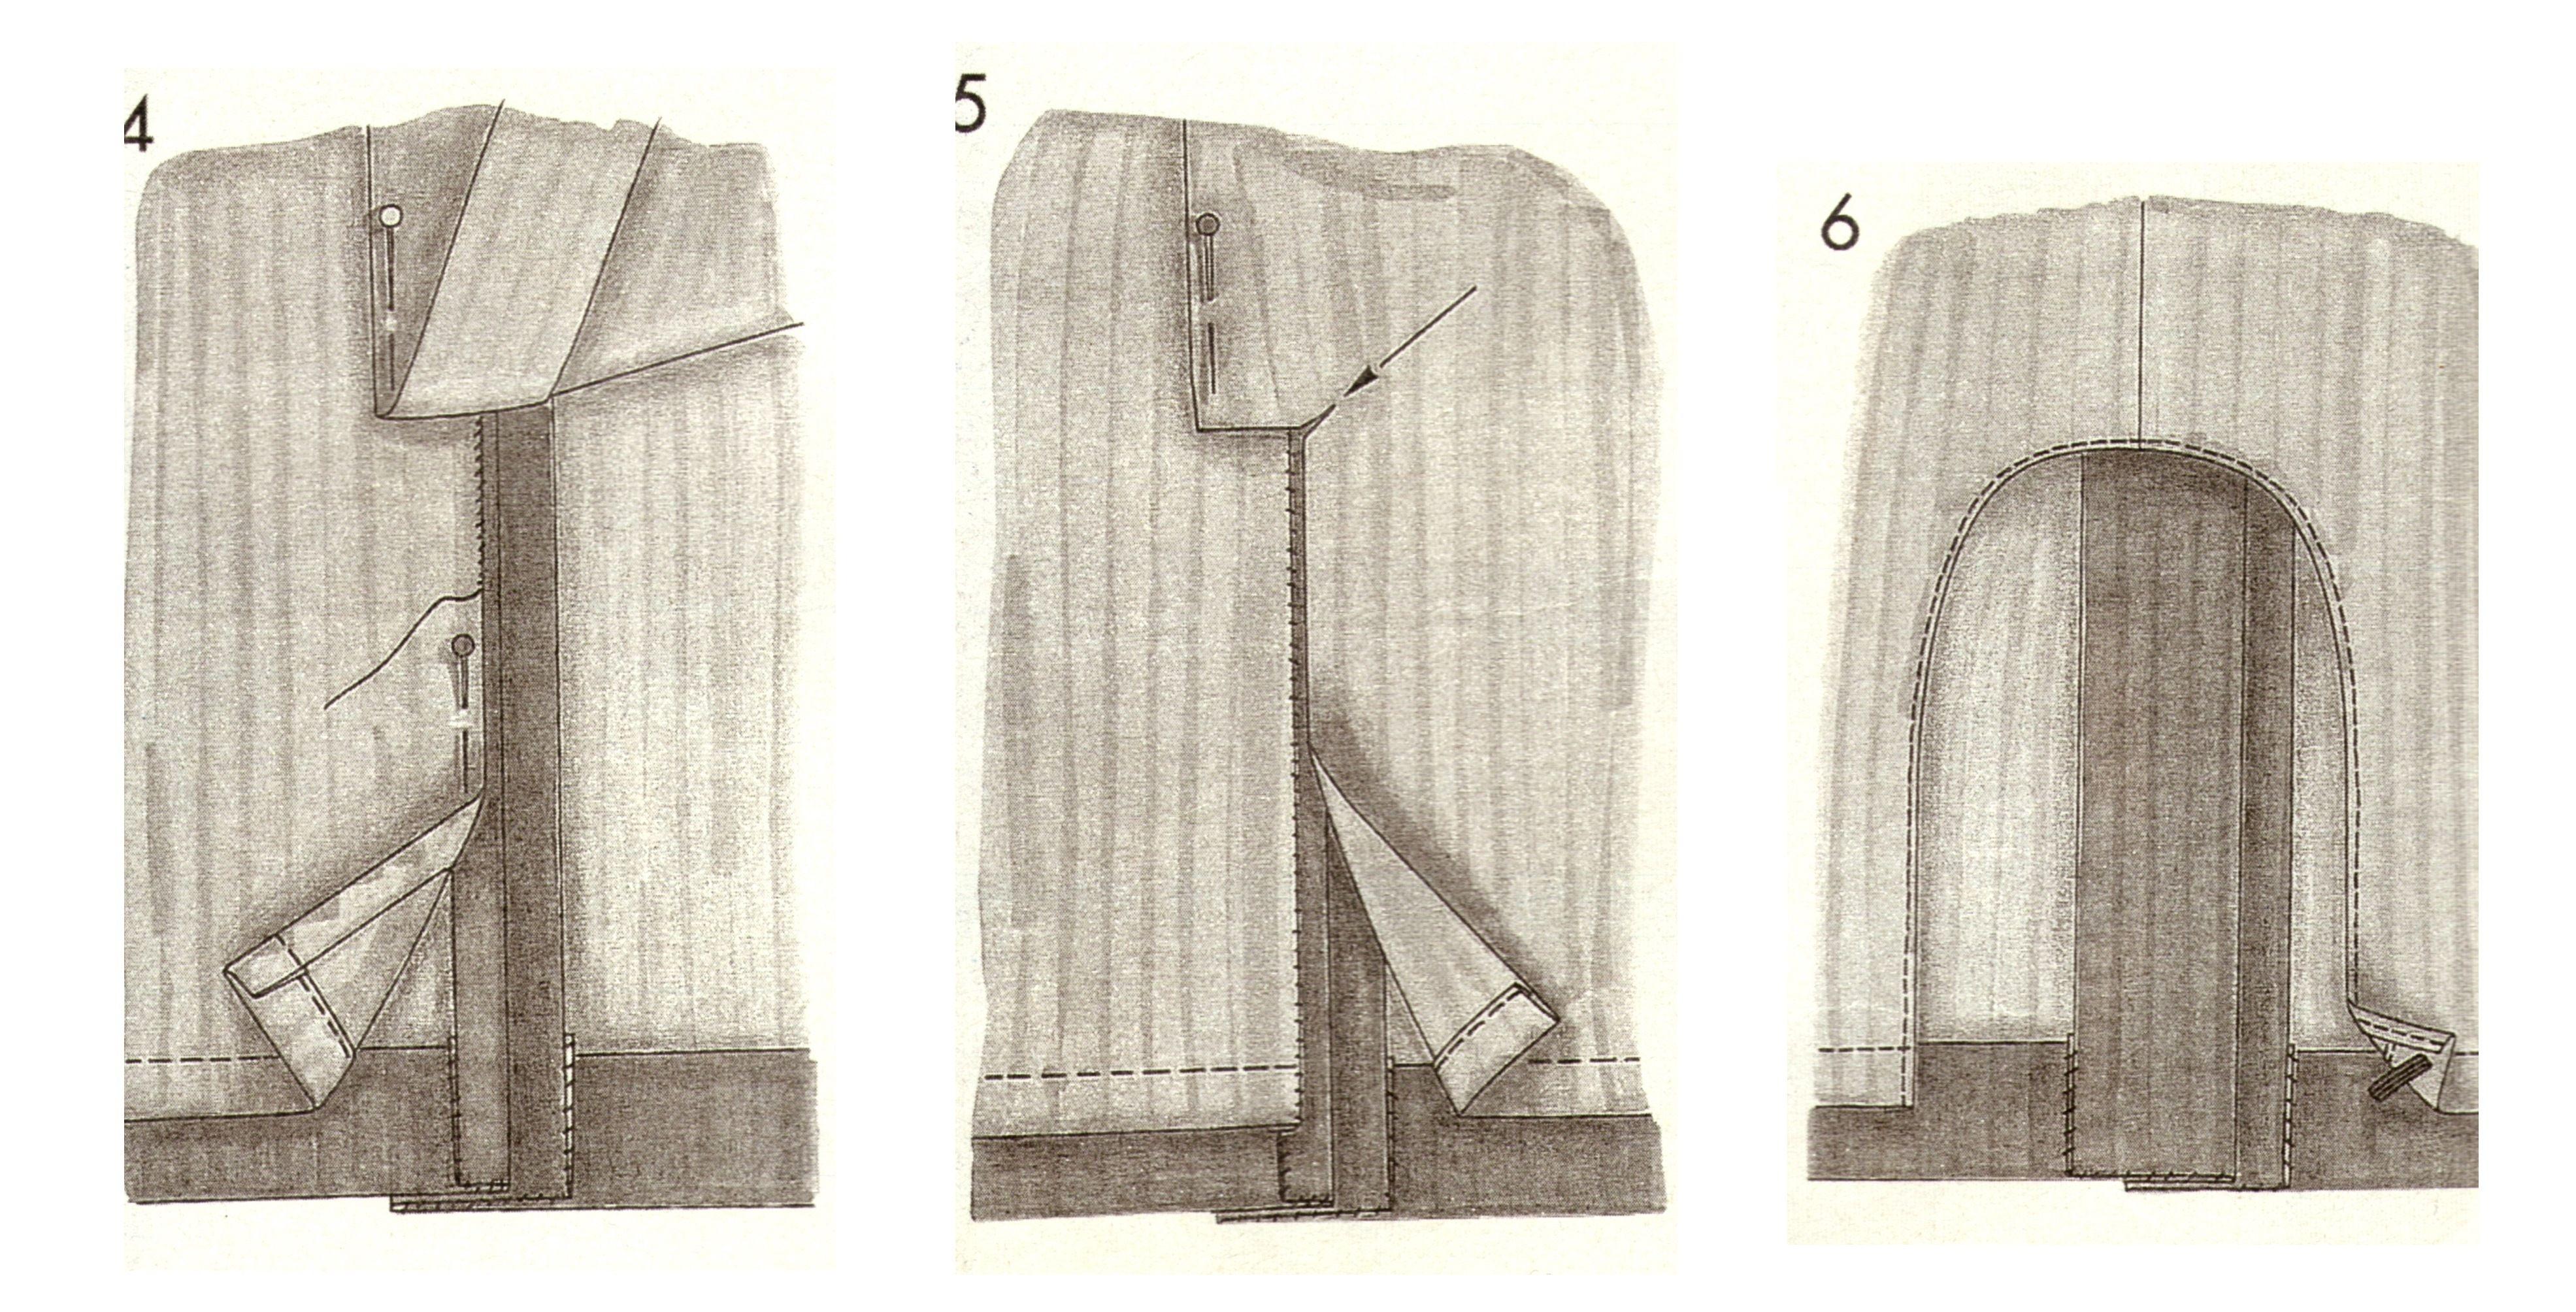 Обработка шлицы на юбке 5